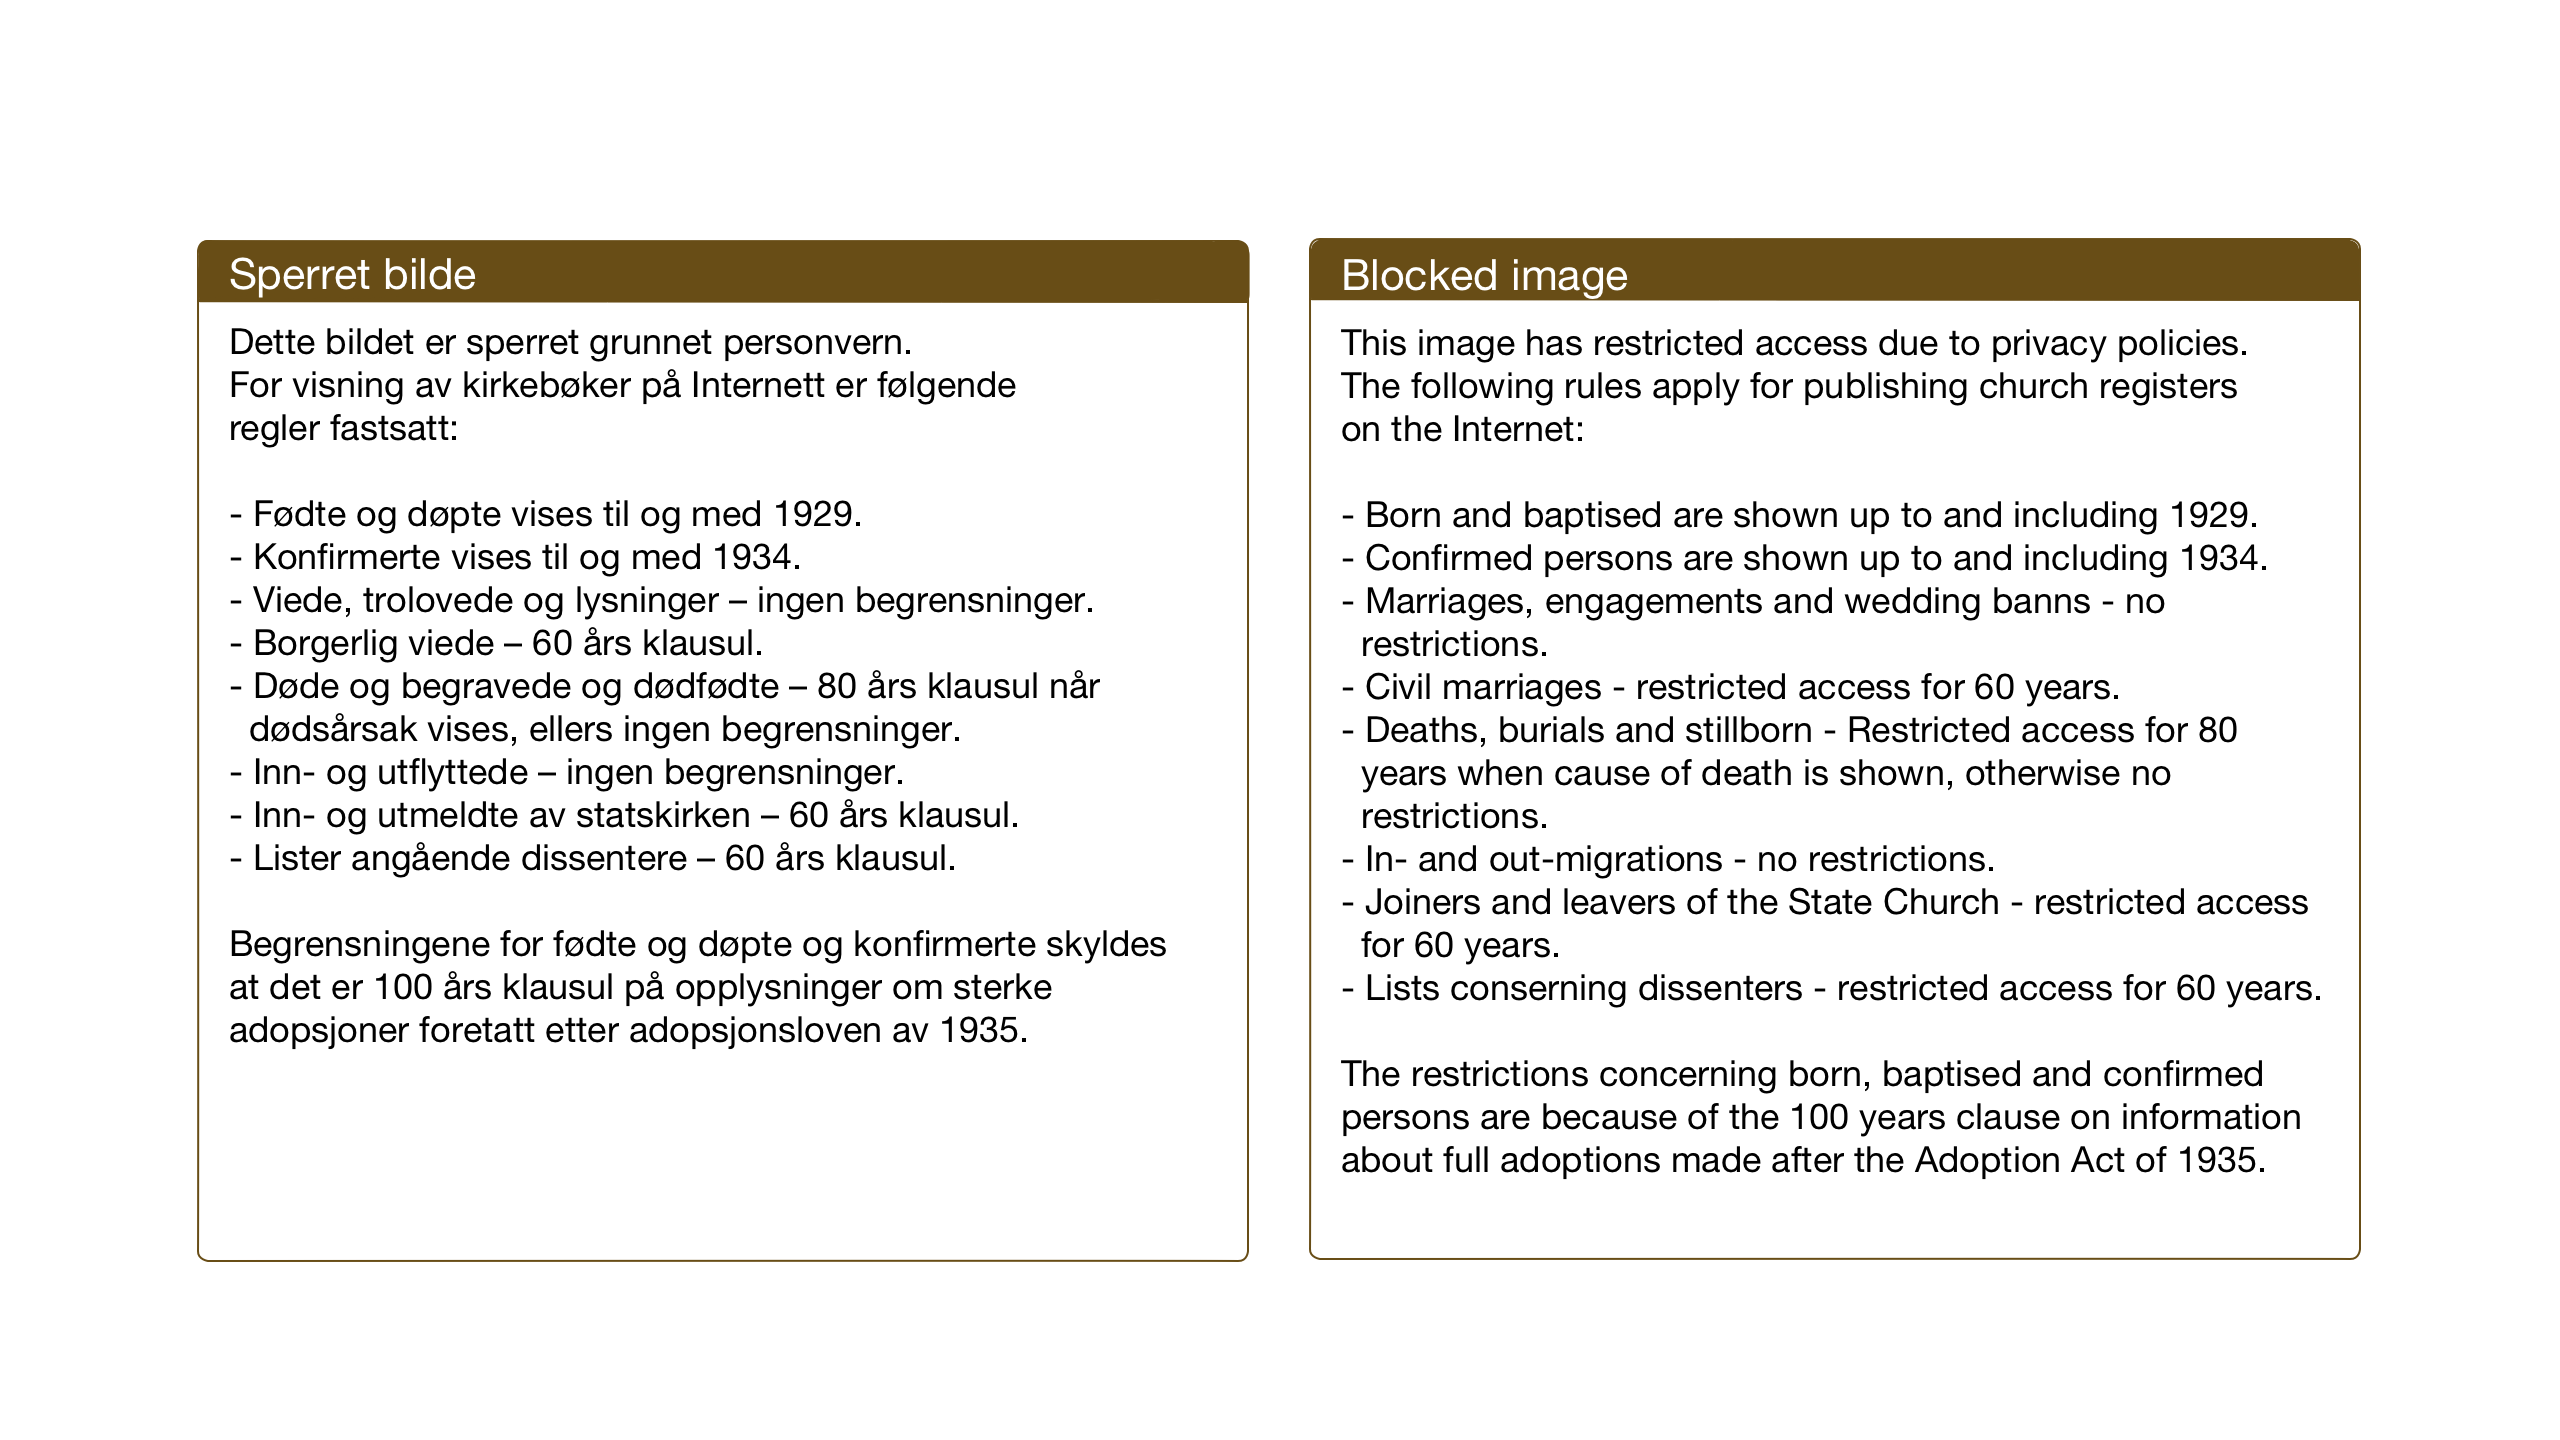 SAT, Ministerialprotokoller, klokkerbøker og fødselsregistre - Nord-Trøndelag, 701/L0019: Klokkerbok nr. 701C03, 1930-1953, s. 37